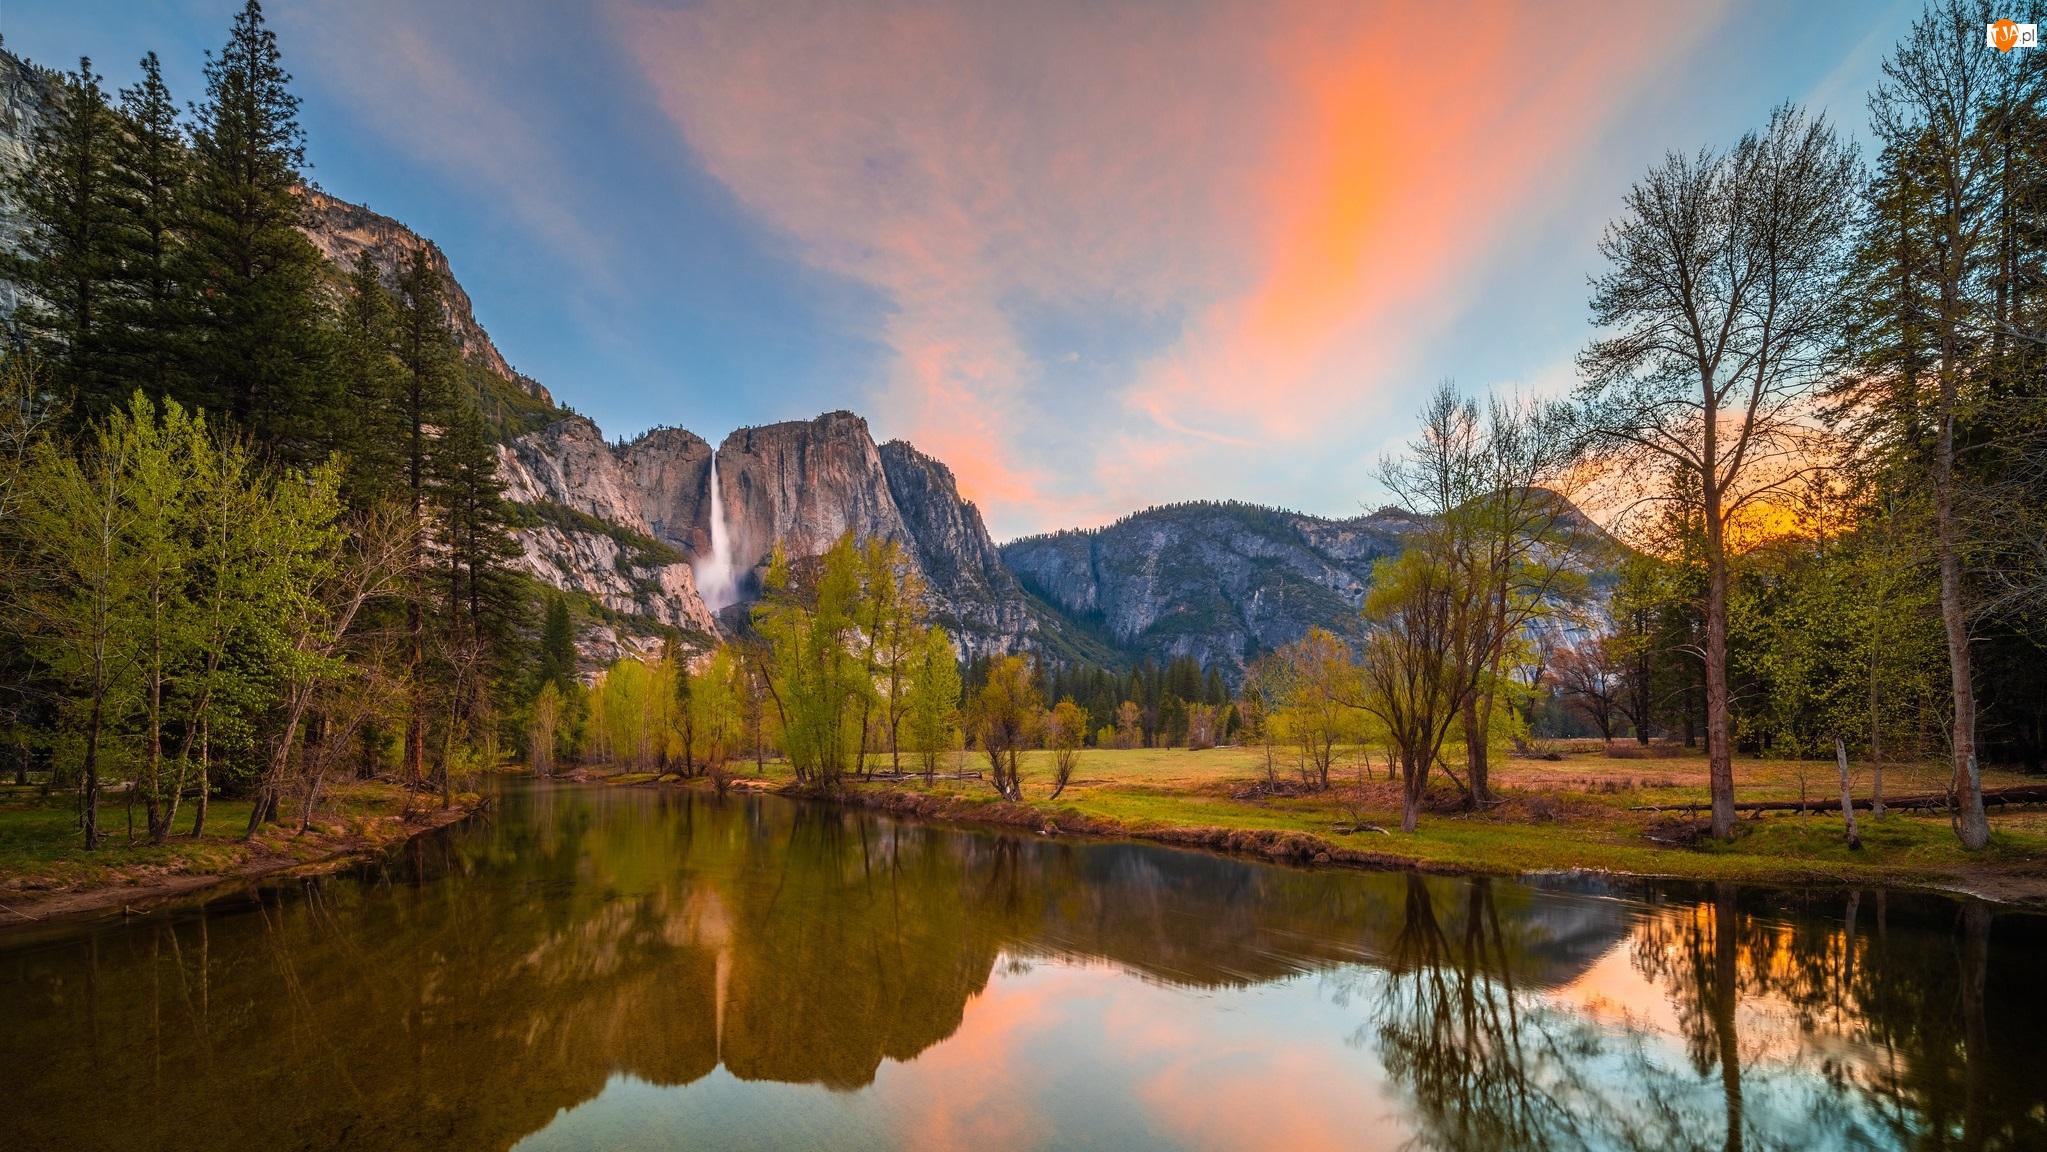 Rzeka, Drzewa, Sierra Nevada, Merced River, Park Narodowy Yosemite, Wodospad, Odbicie, Góry